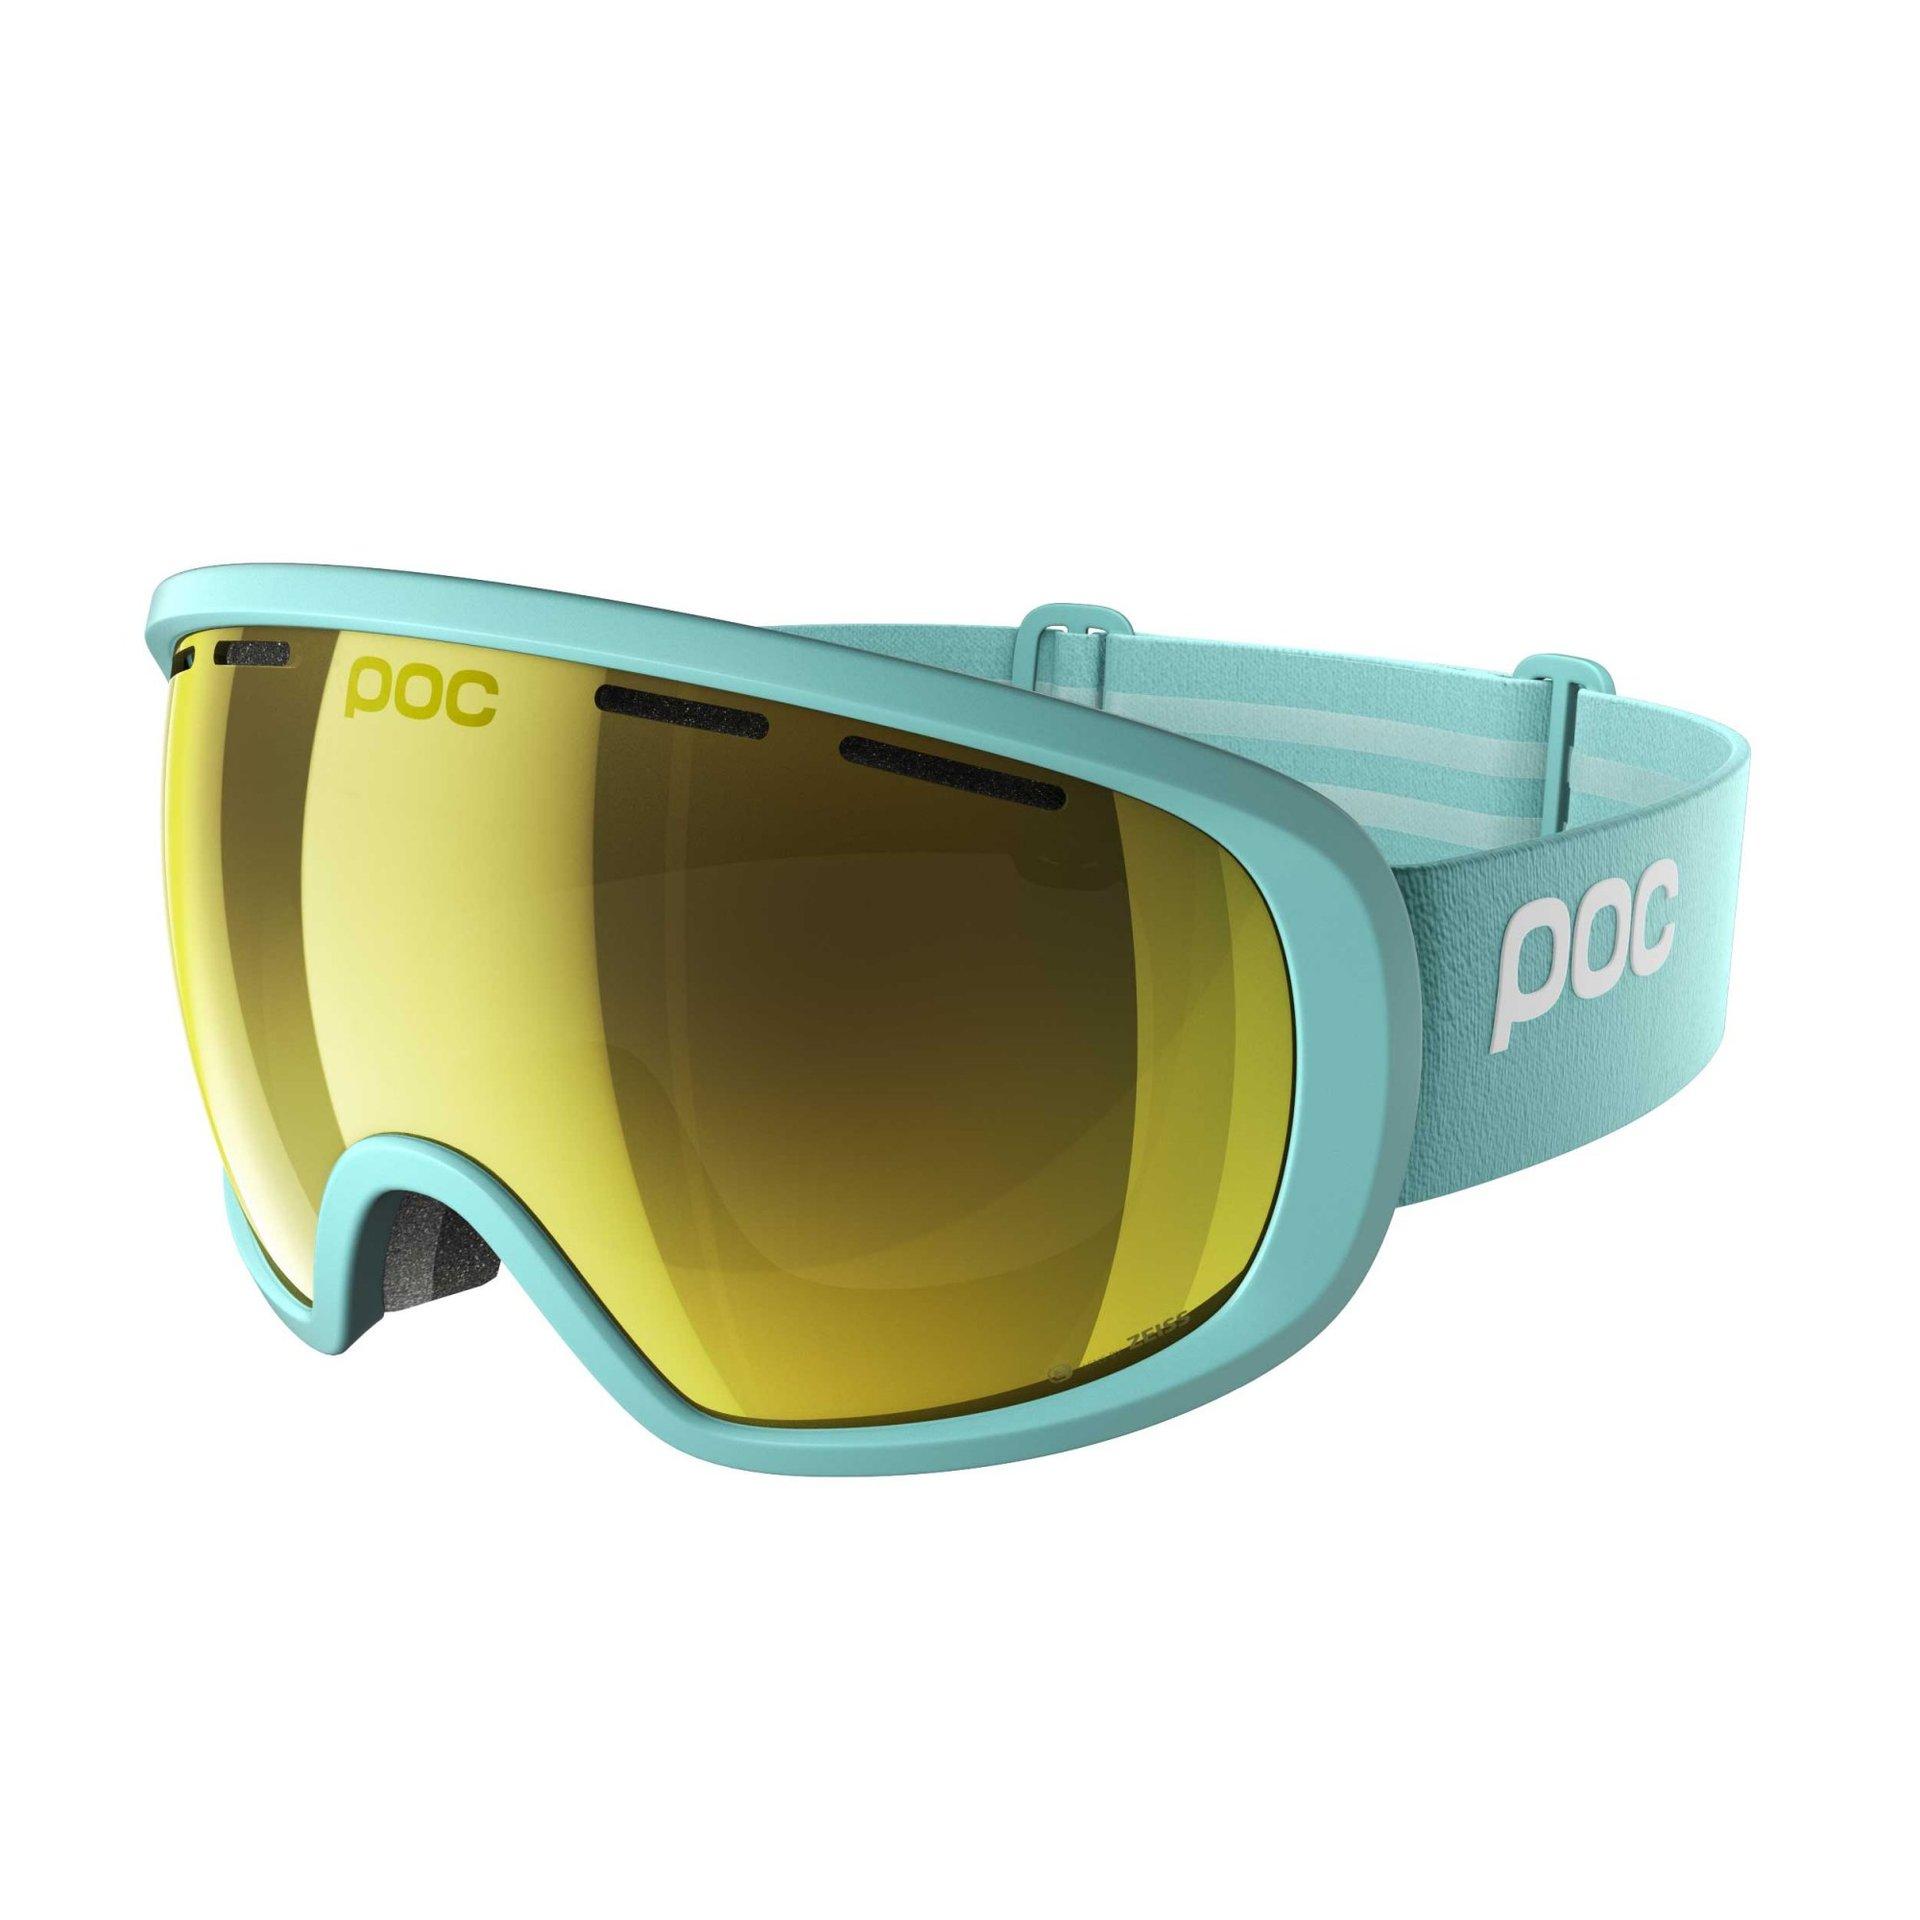 GOGLE POC FOVEA CLARITY TIN BLUE 40403